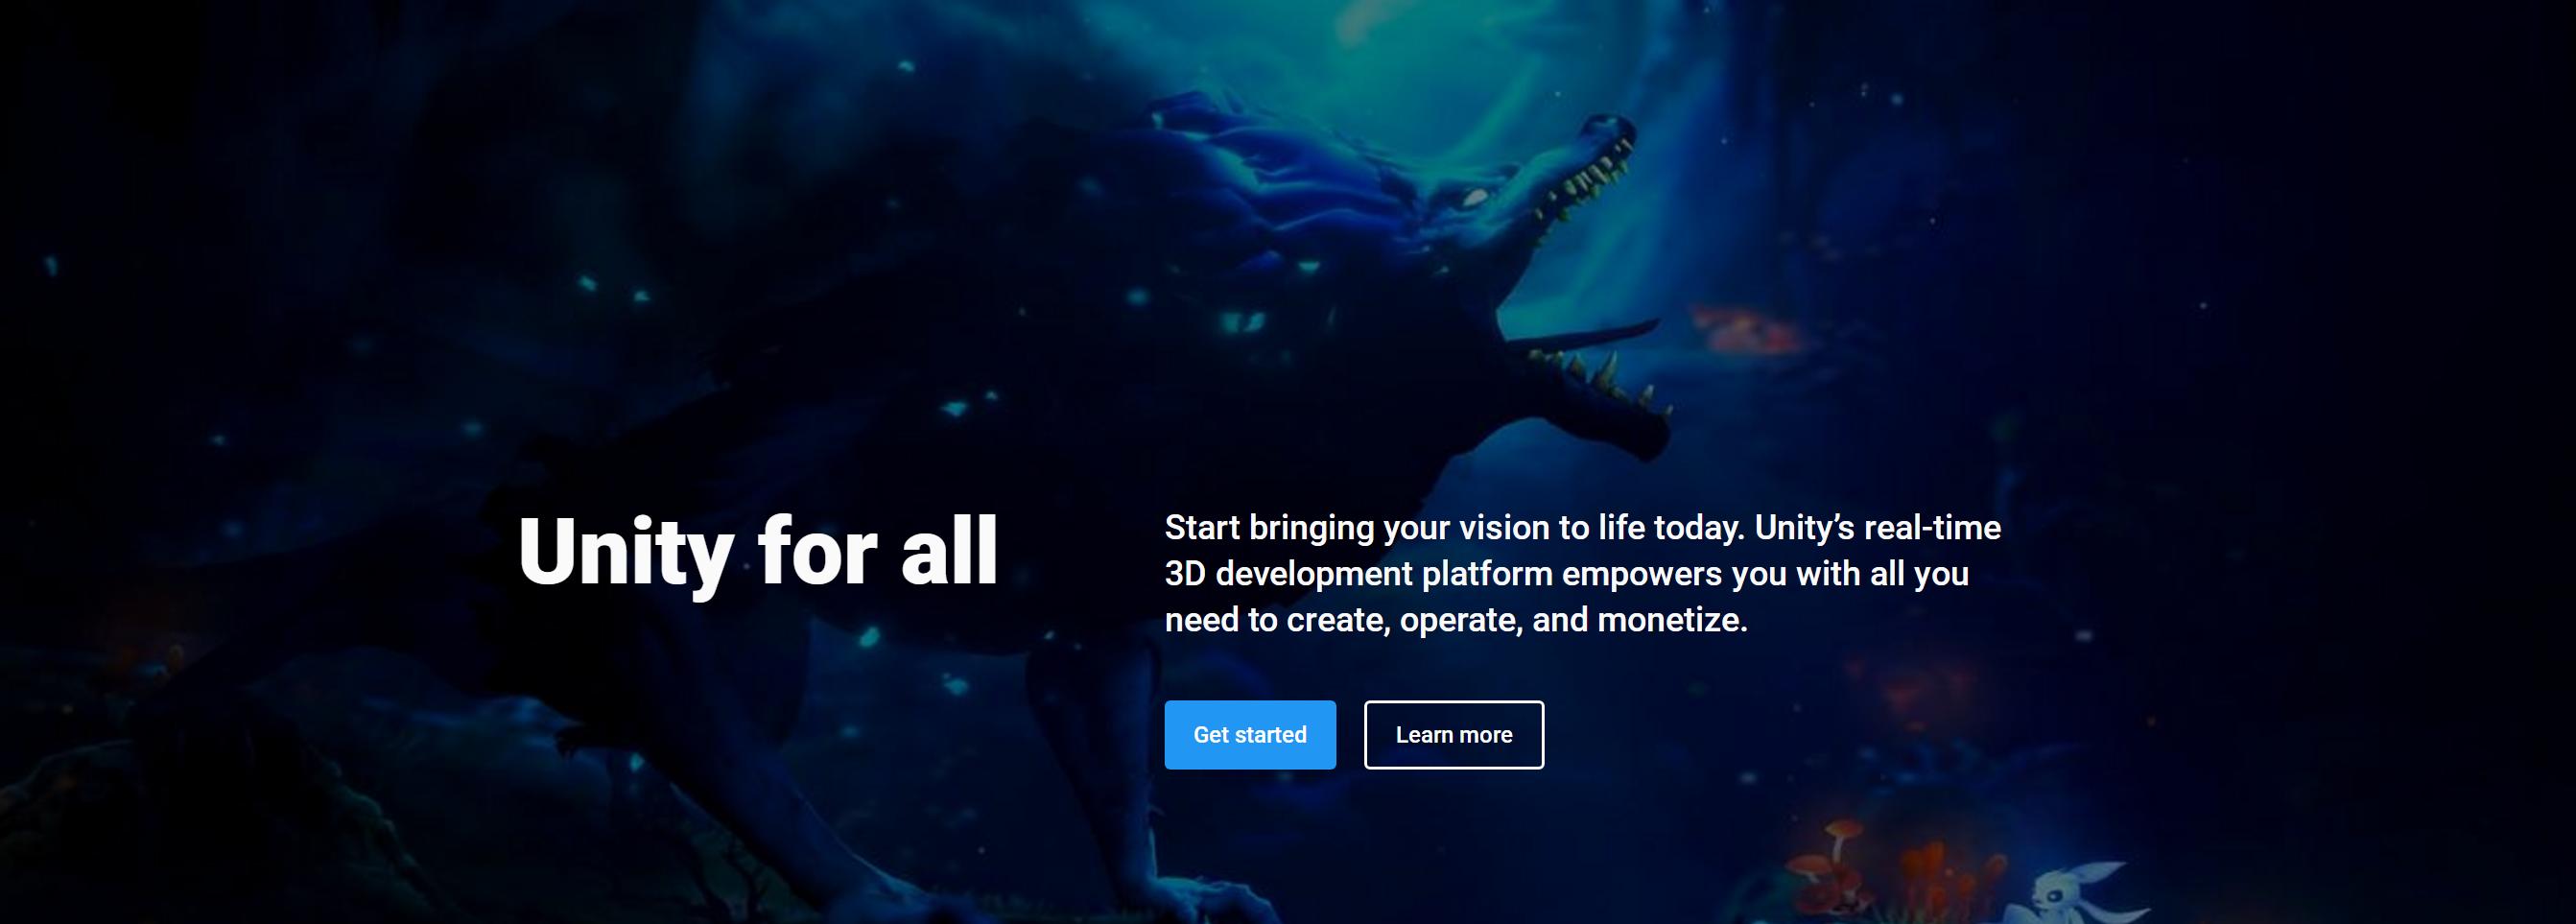 19年3月份山东Unity UUG开发者沙龙活动